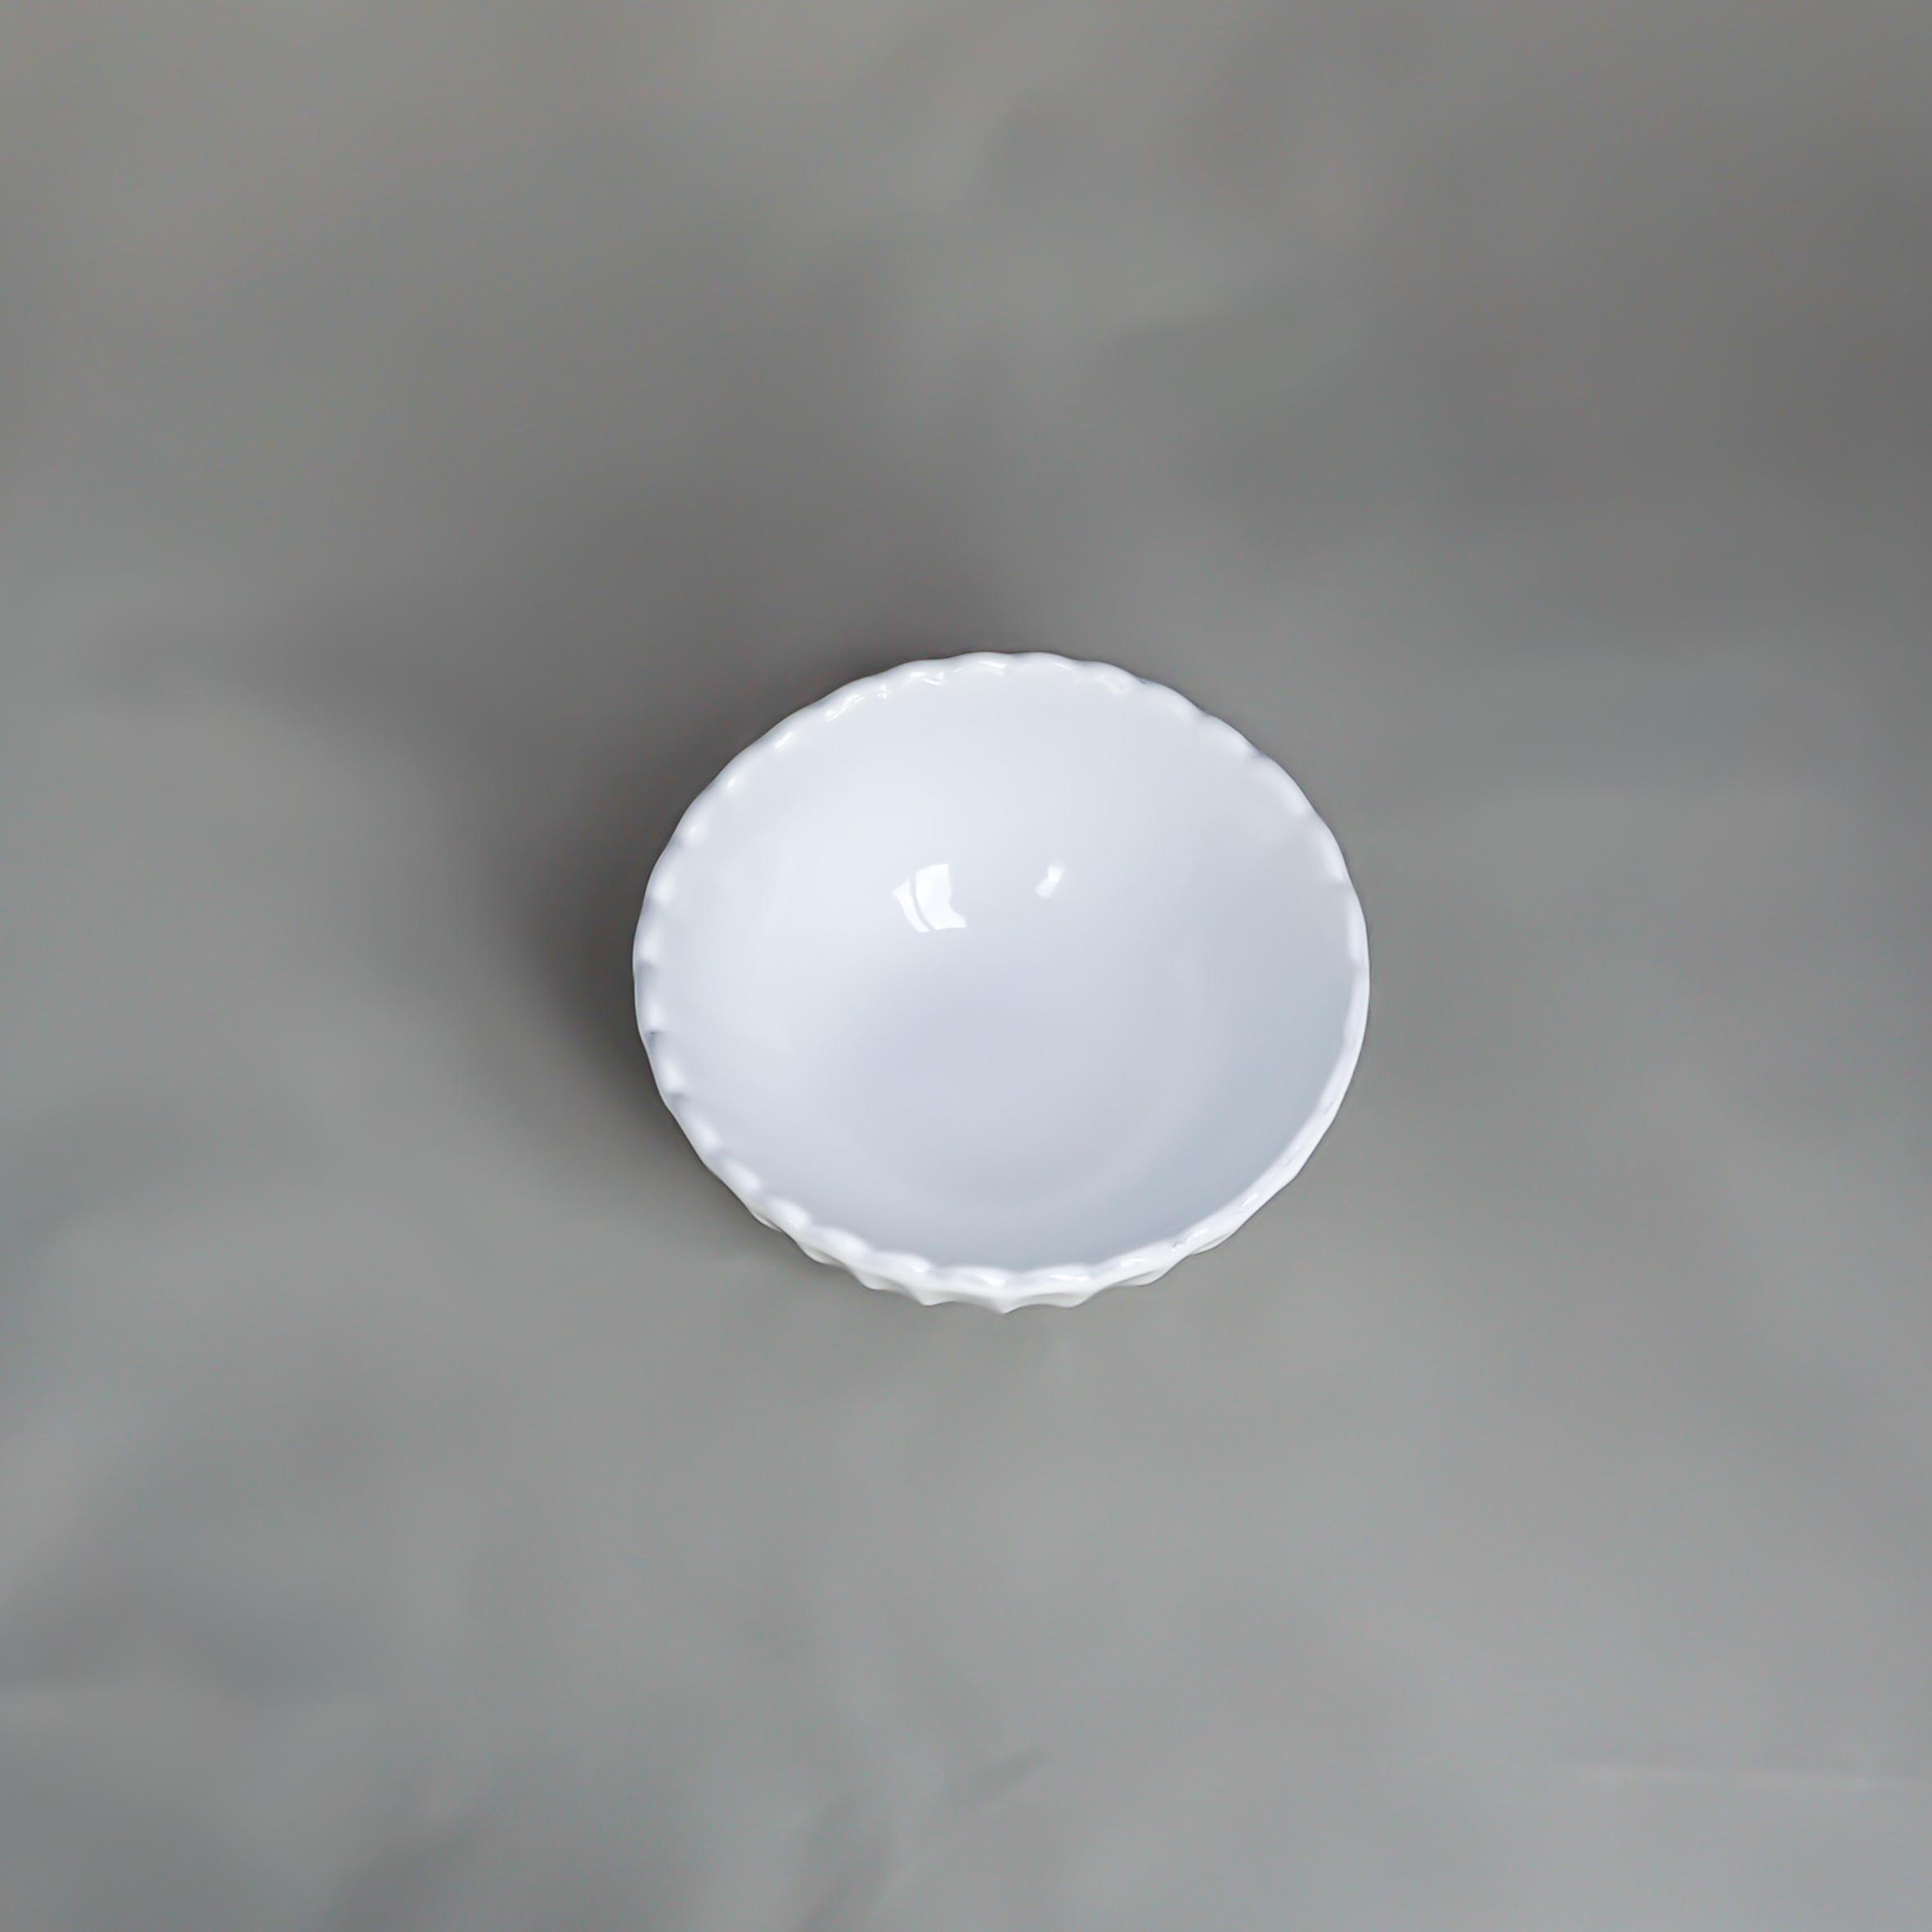 ホワイトストライプボウルS(R)